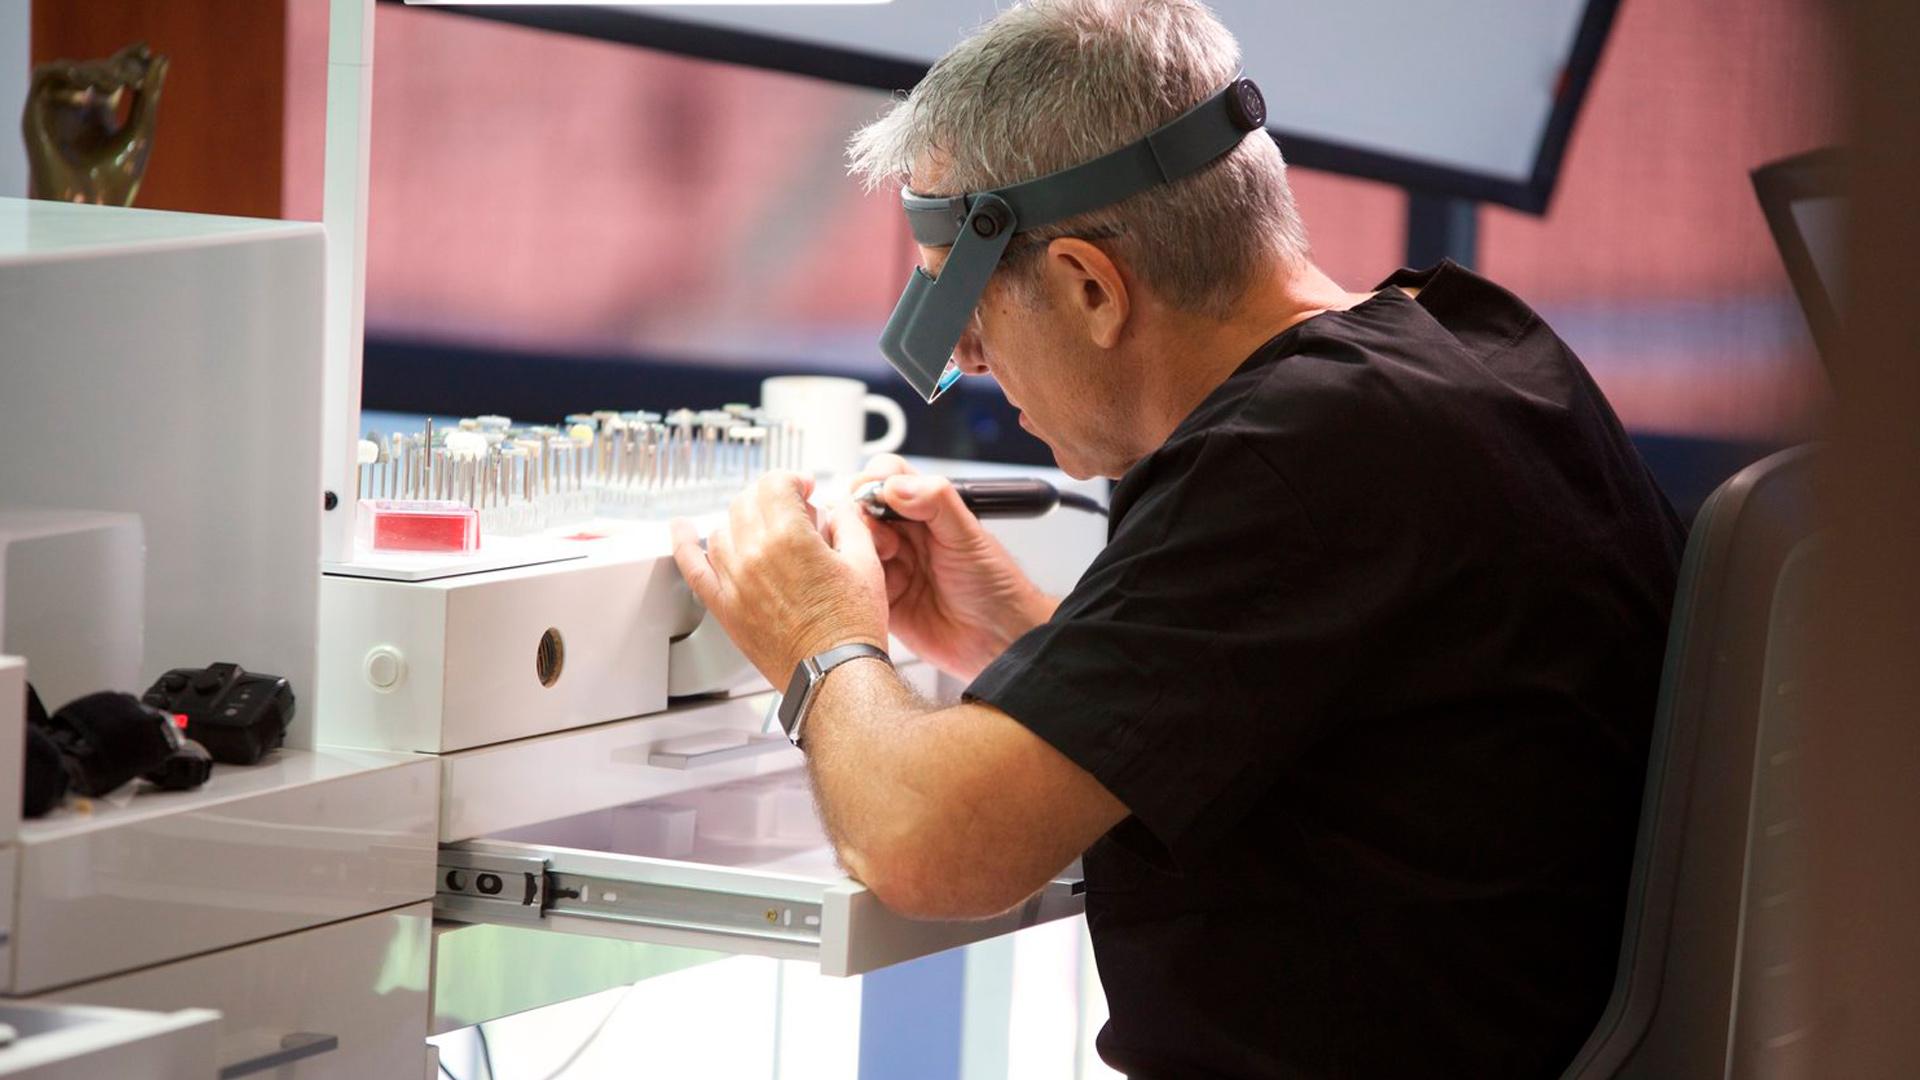 <p>En esta Masterclass<strong>Preparaciones en BOPT dental</strong>,impartida por el el doctor Cristian Abad, abordaremos el tema de preparaciones en <strong>BOPT dental</strong>. Sin duda, las preparaciones son algo muy importante ya que van a constituir una etapa fundamental en la preparación de la pieza dentaria que va a recibir la prótesis fija.<br /> <br /> La realización de preparaciones es uno de los pasos fundamentales dentro de la técnica <strong>BOPT dental</strong> para conseguir resultados a largo plazo que nos permitan la verdadera integración entre la prótesis y los tejidos blandos periodontales. Gracias esta Masterclass, <strong>Preparaciones en BOPT dental</strong>, podrás profundizar en la realización de prótesis utilizando la técnica <strong>BOPT dental</strong>, lo que te permitirá obtener mejores resultados en la integración de la prótesis dental con los tejidos periodontales.<br /> <br /> Todas nuestras Masterclass están impartidas por los mayores expertos en odontología. Gracias a nuestra Masterclass<strong>Preparaciones en BOPT dental</strong> y otras como esta, que forman parte de la serie <strong>Aproximación a la técnica BOPT</strong> podrás desarrollar y actualizar tus conocimientos sobretécnicas de odontología restauradora de vanguardia como la <strong>técnica BOPT dental</strong>, alcanzando una formación avanzada y permitiéndote profundizar enlos aspectos a tener en cuenta en la restauración protésica dental y otras especialidades odontológicas con criterios científicos y de excelencia, abordando las últimas tendencias y técnicas más actuales en el sector odontológico.<br /> <br /> Desde Knotgroup Dental Institute te invitamos a que explores a través de nuestra web y encuentres otras masterclass como <strong>Preparaciones en BOPT dental</strong> para actualizar tus conocimientos y aplicarlos a tu clínica dental, así como la amplia gama de cursos que ofrecemos también sobre técnicas de preparación como la <strong>técnica BOPT dental</str